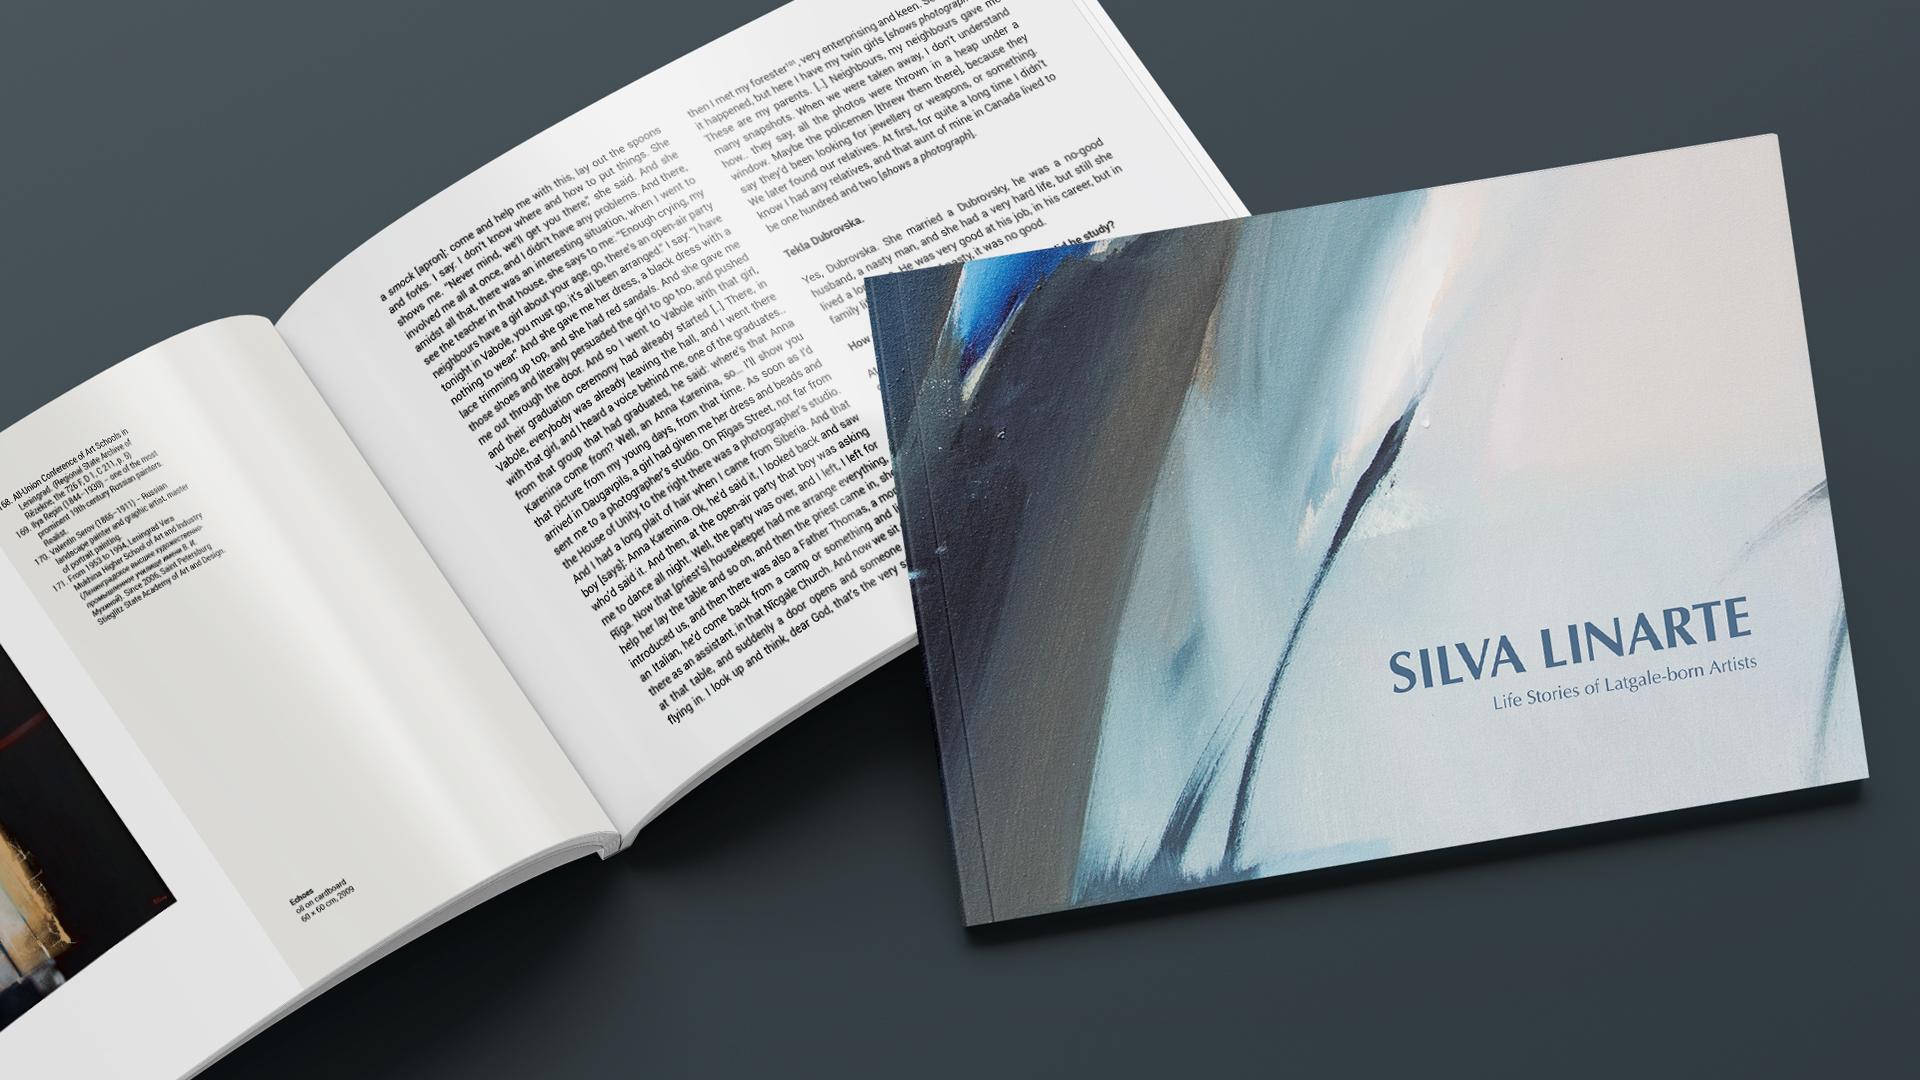 Iznācis mākslinieces Silvas Linartes dzīvesstāsta tulkojums angļu valodā